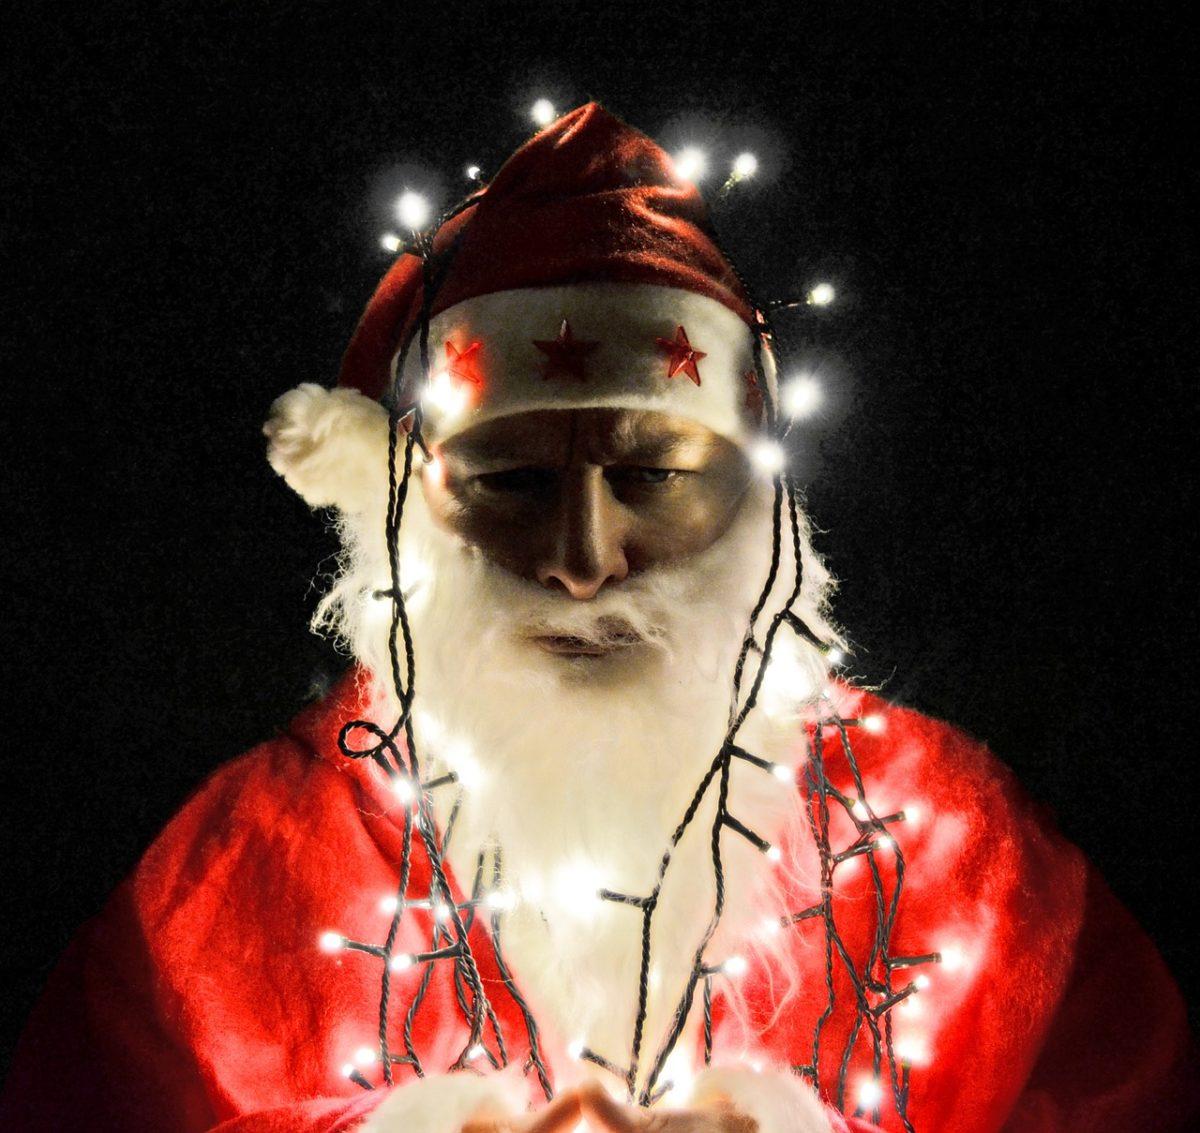 Empfehlungen für LED Weihnachtspullover